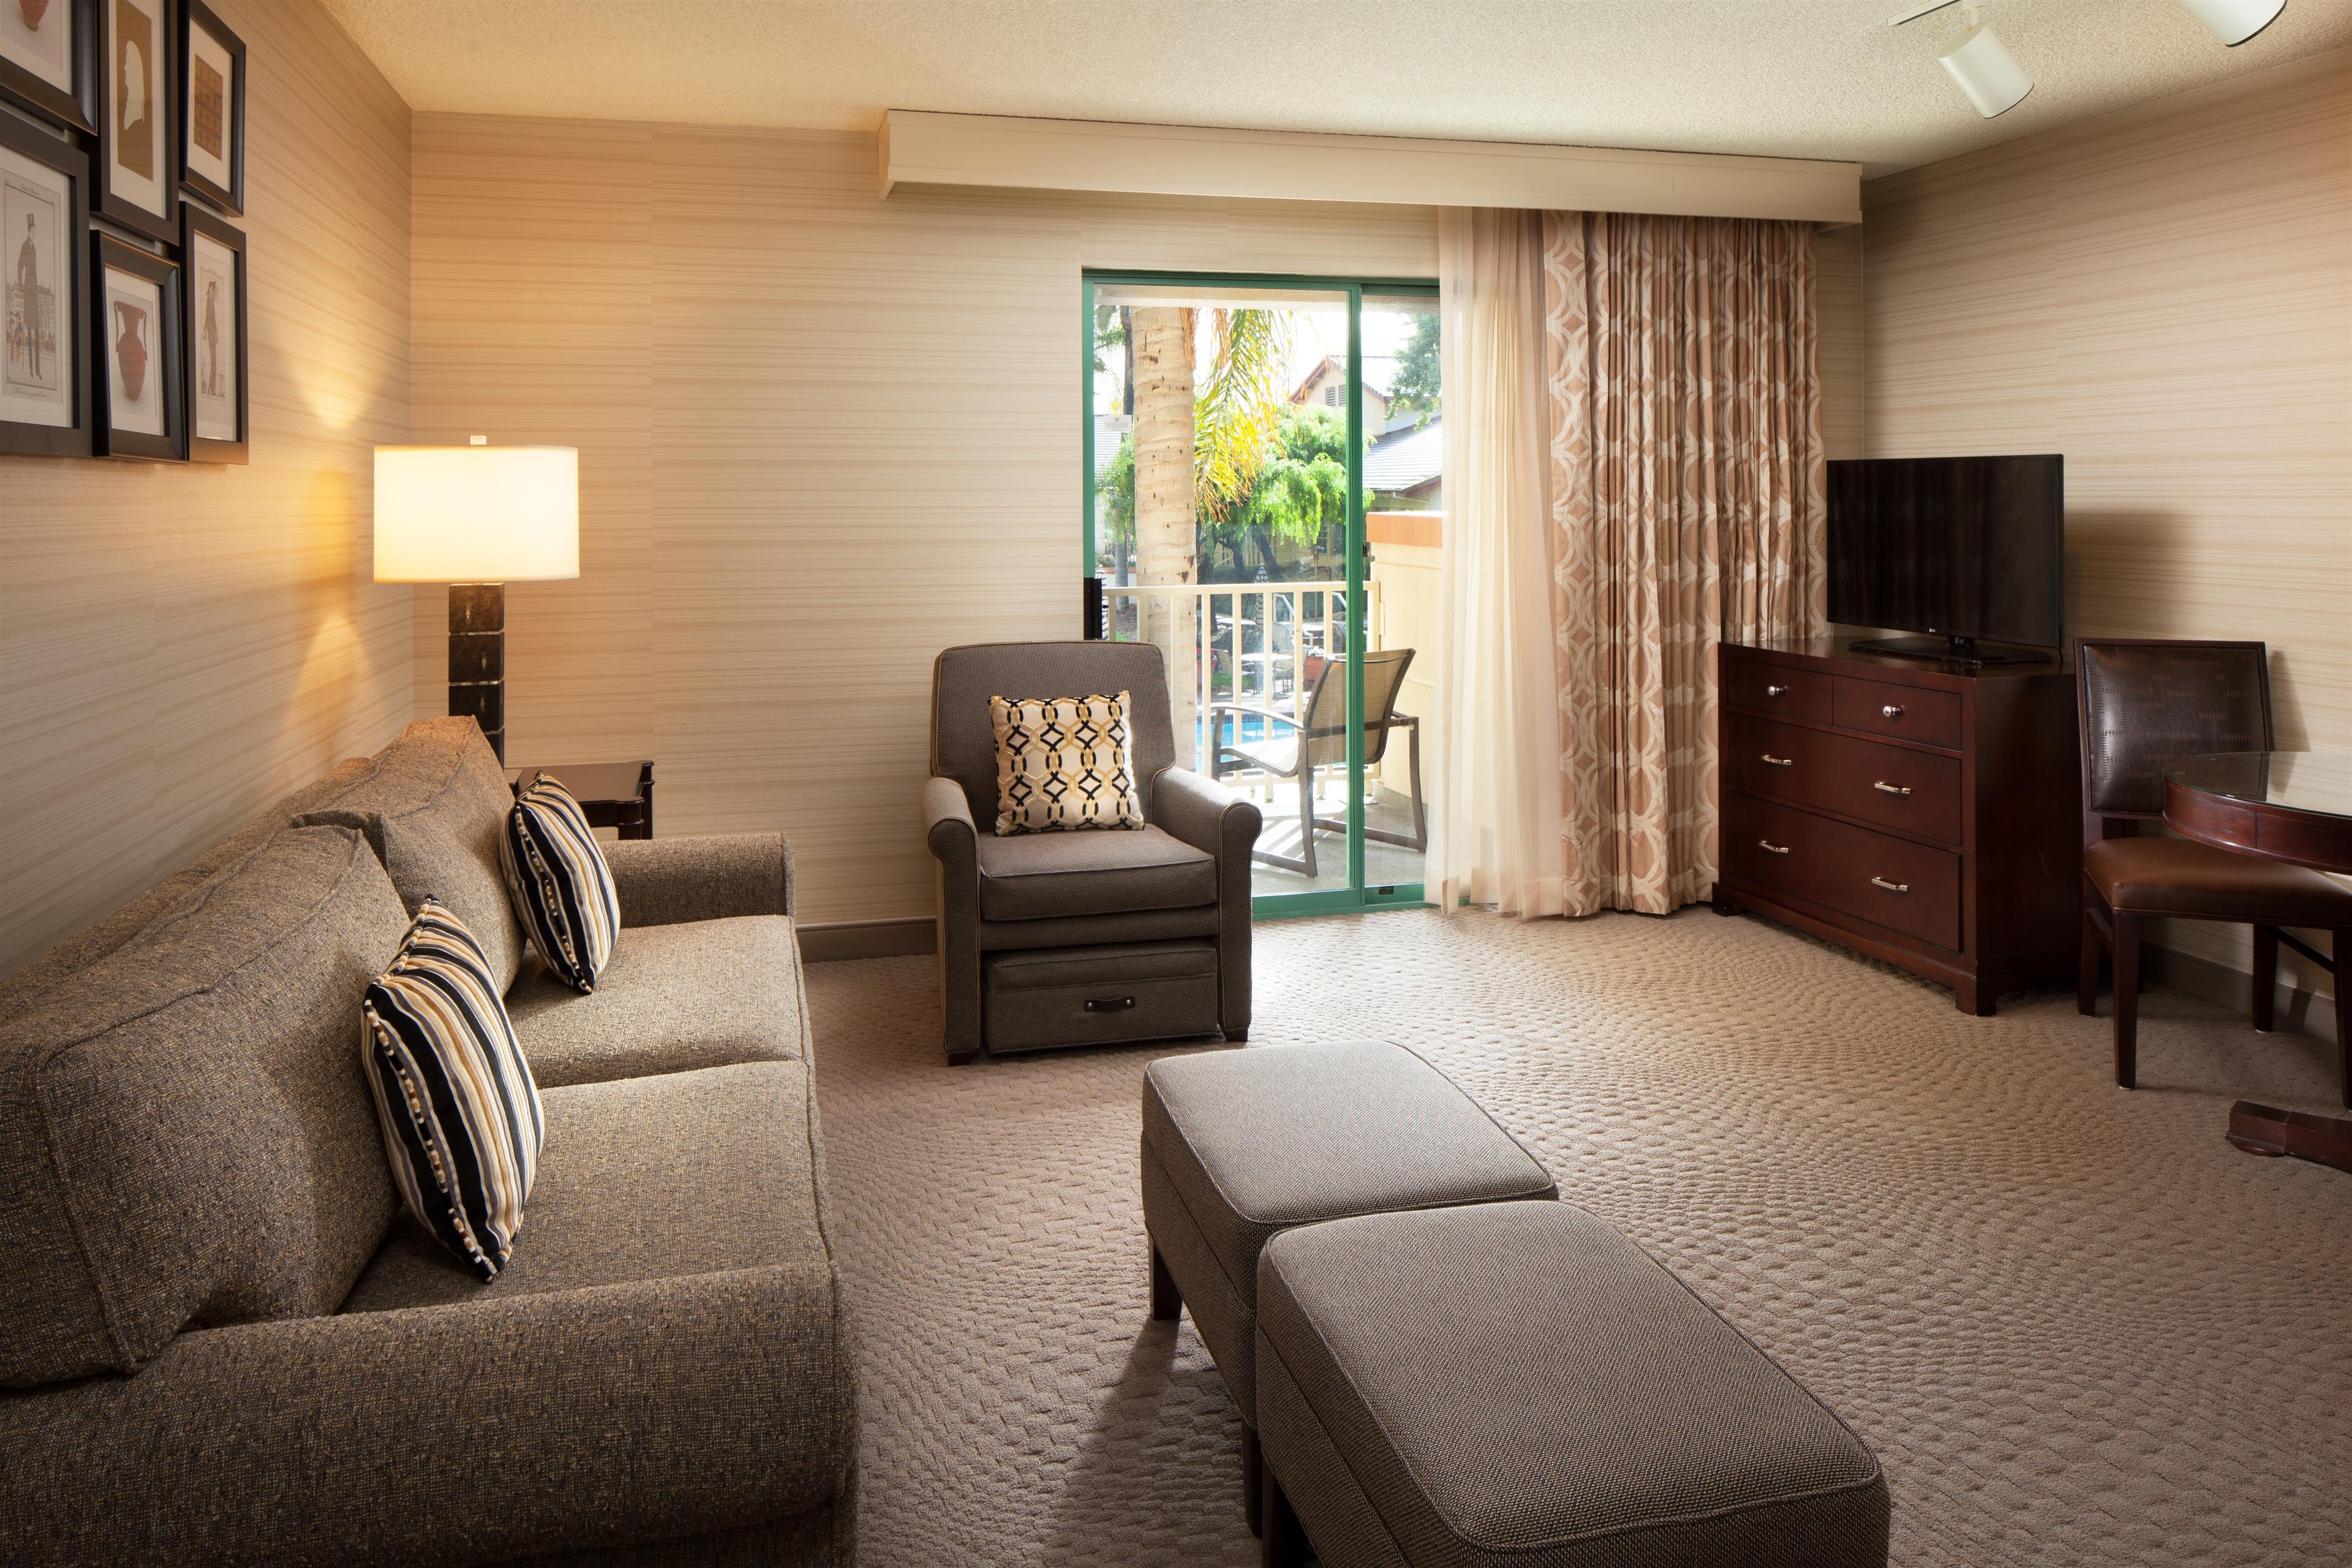 Sheraton San Jose Hotel image 10